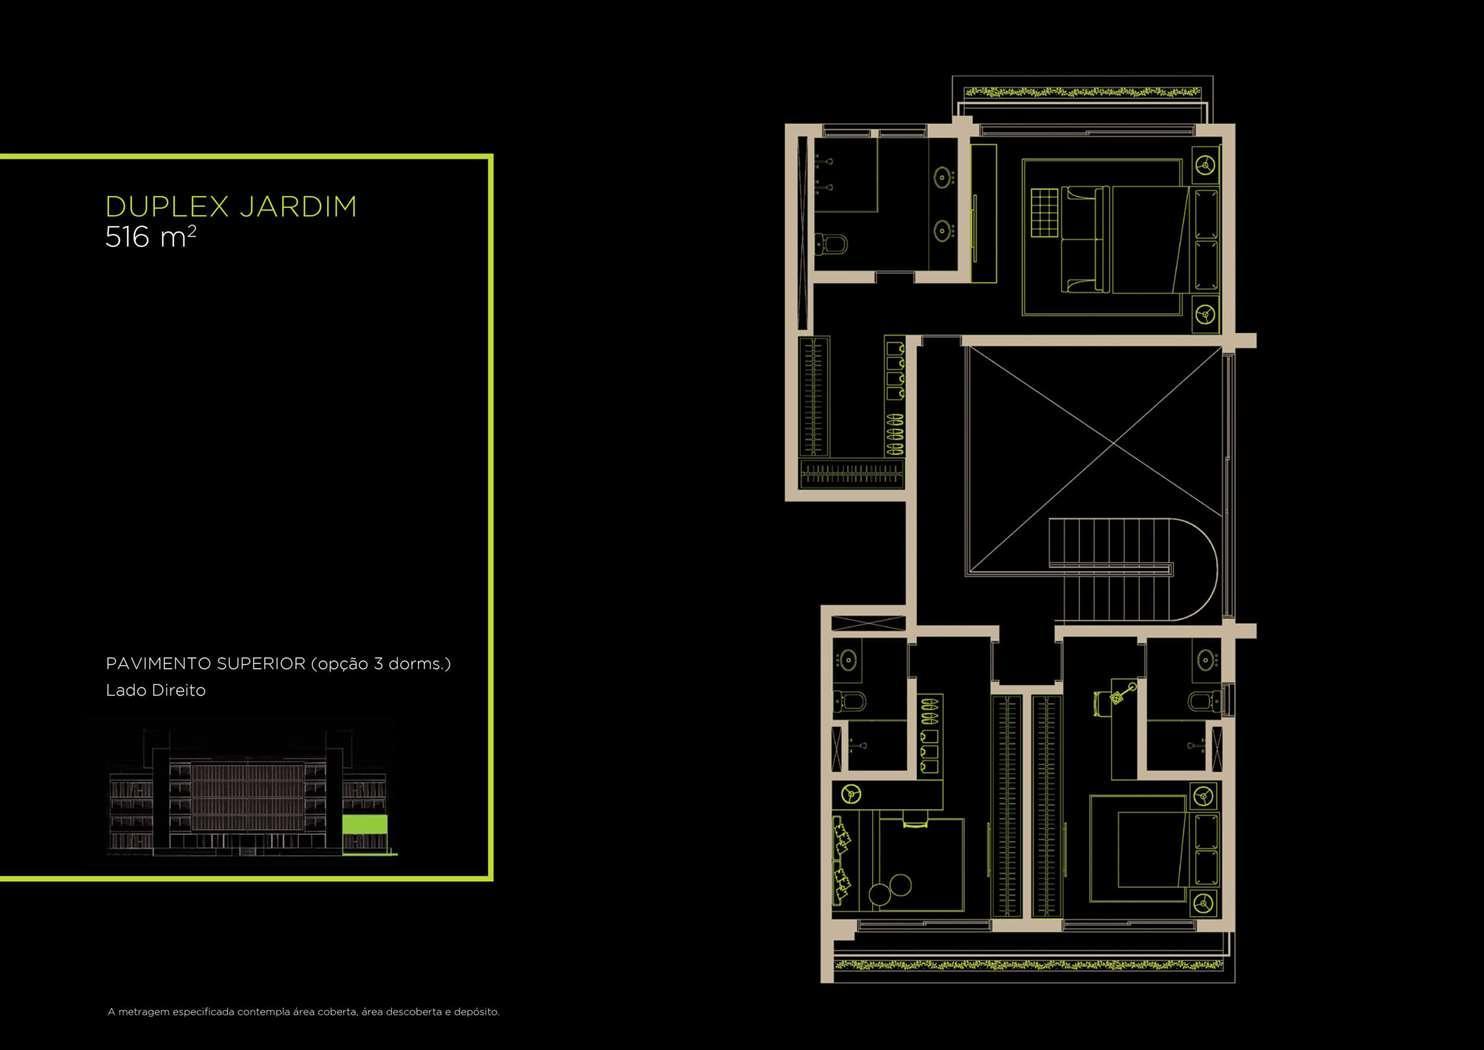 Duplex Jardim 516m²   Opção 3 Dorms.